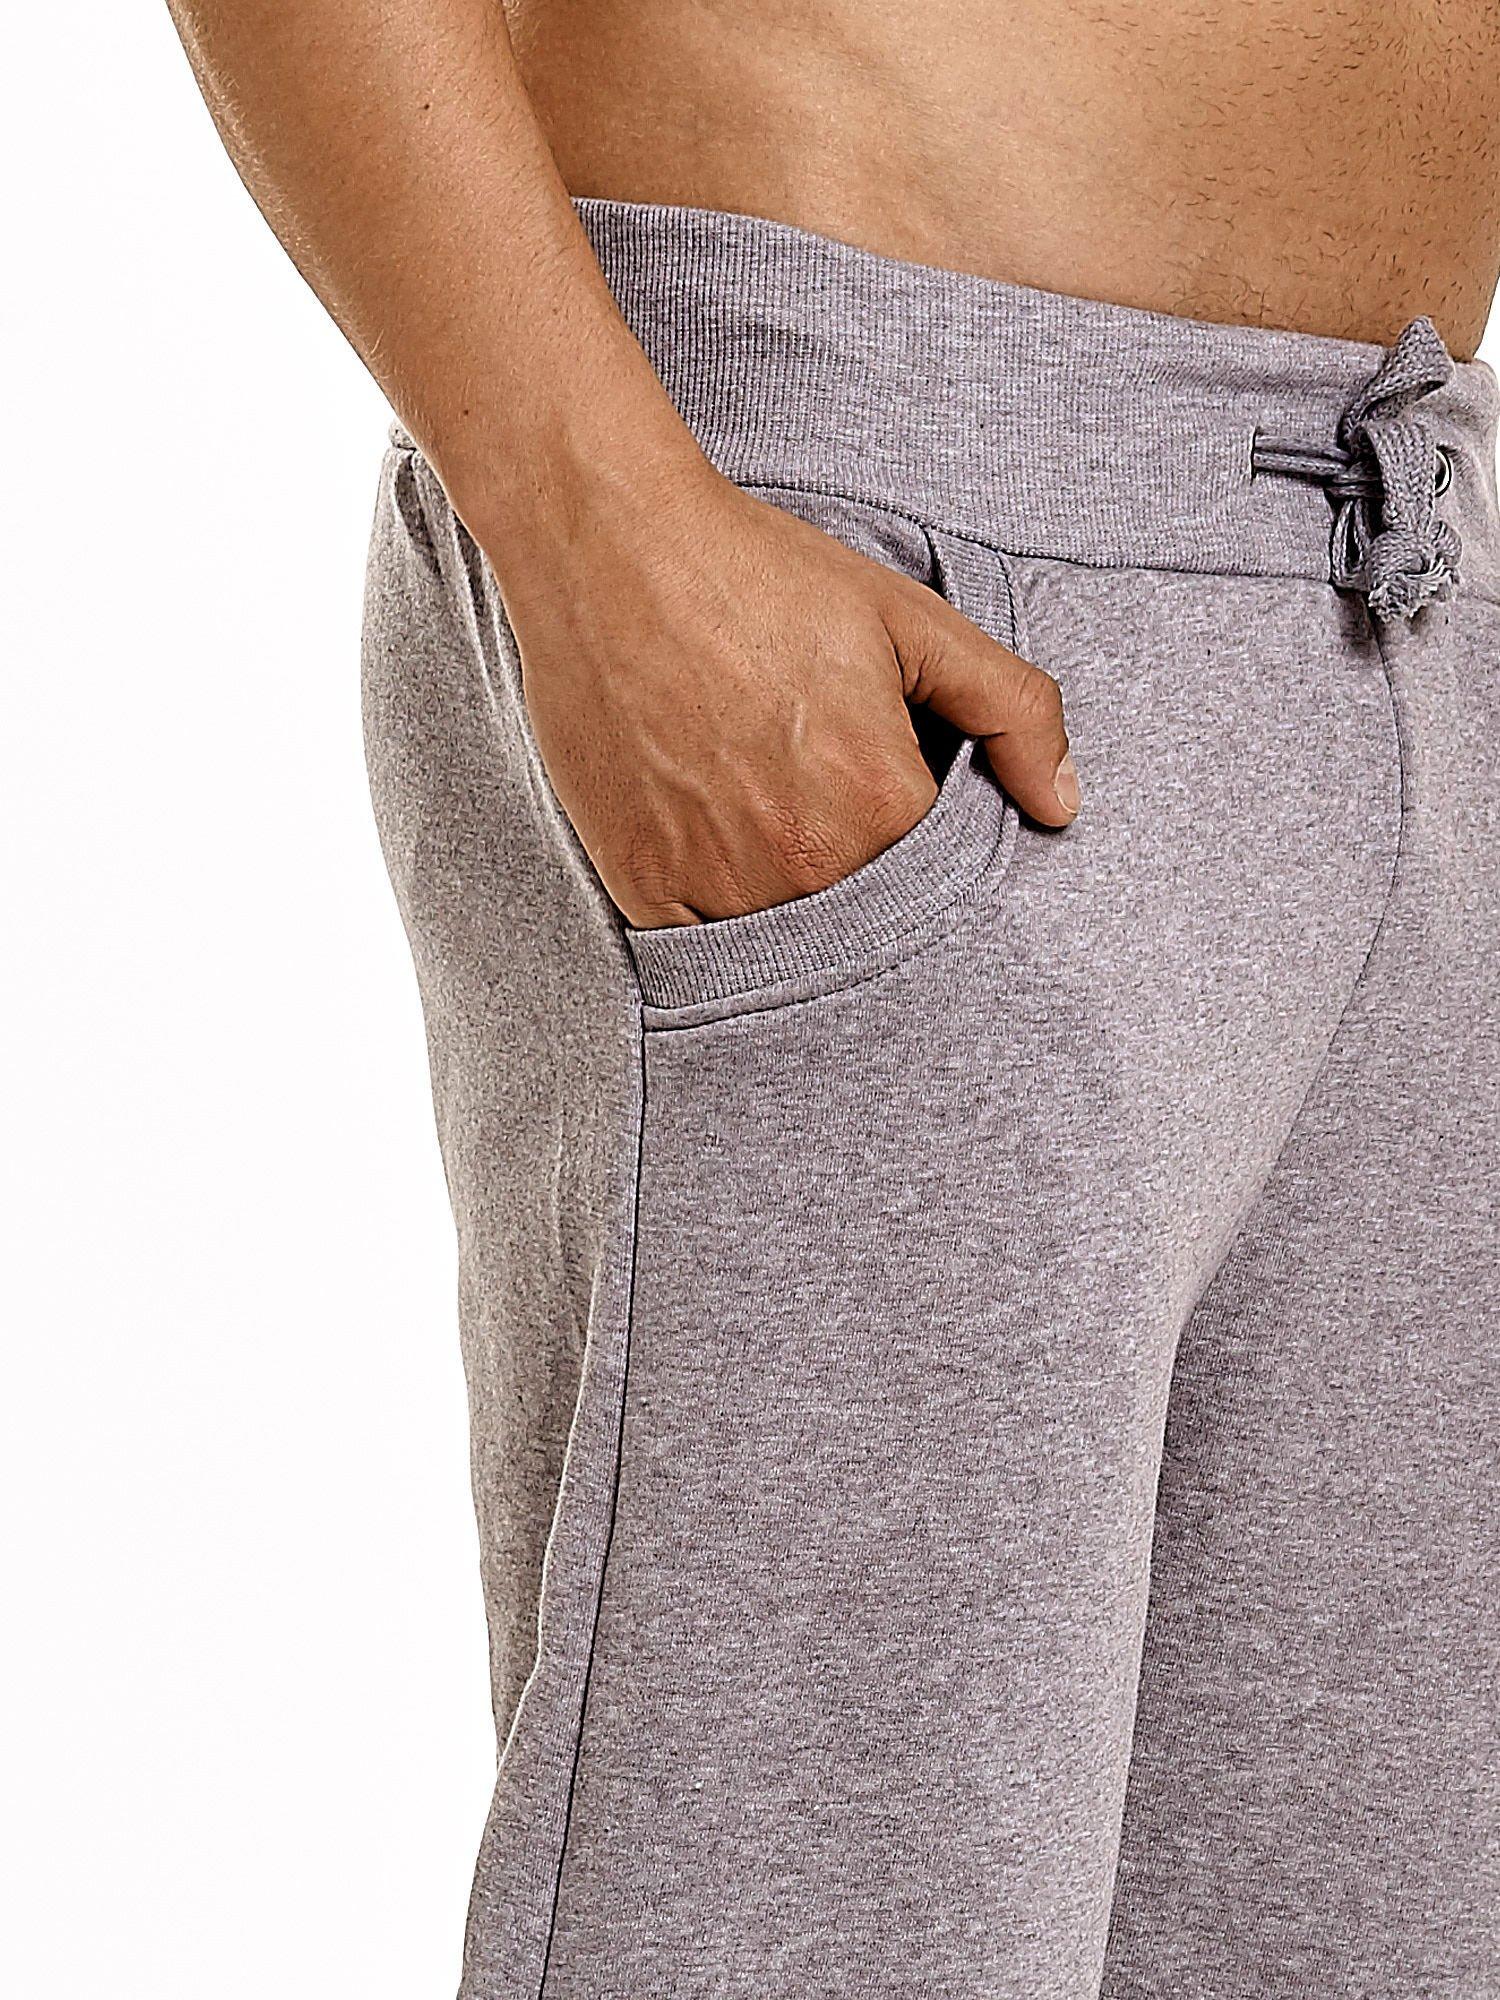 Jasnoszare dresowe spodnie męskie z trokami w pasie i kieszeniami                                  zdj.                                  6